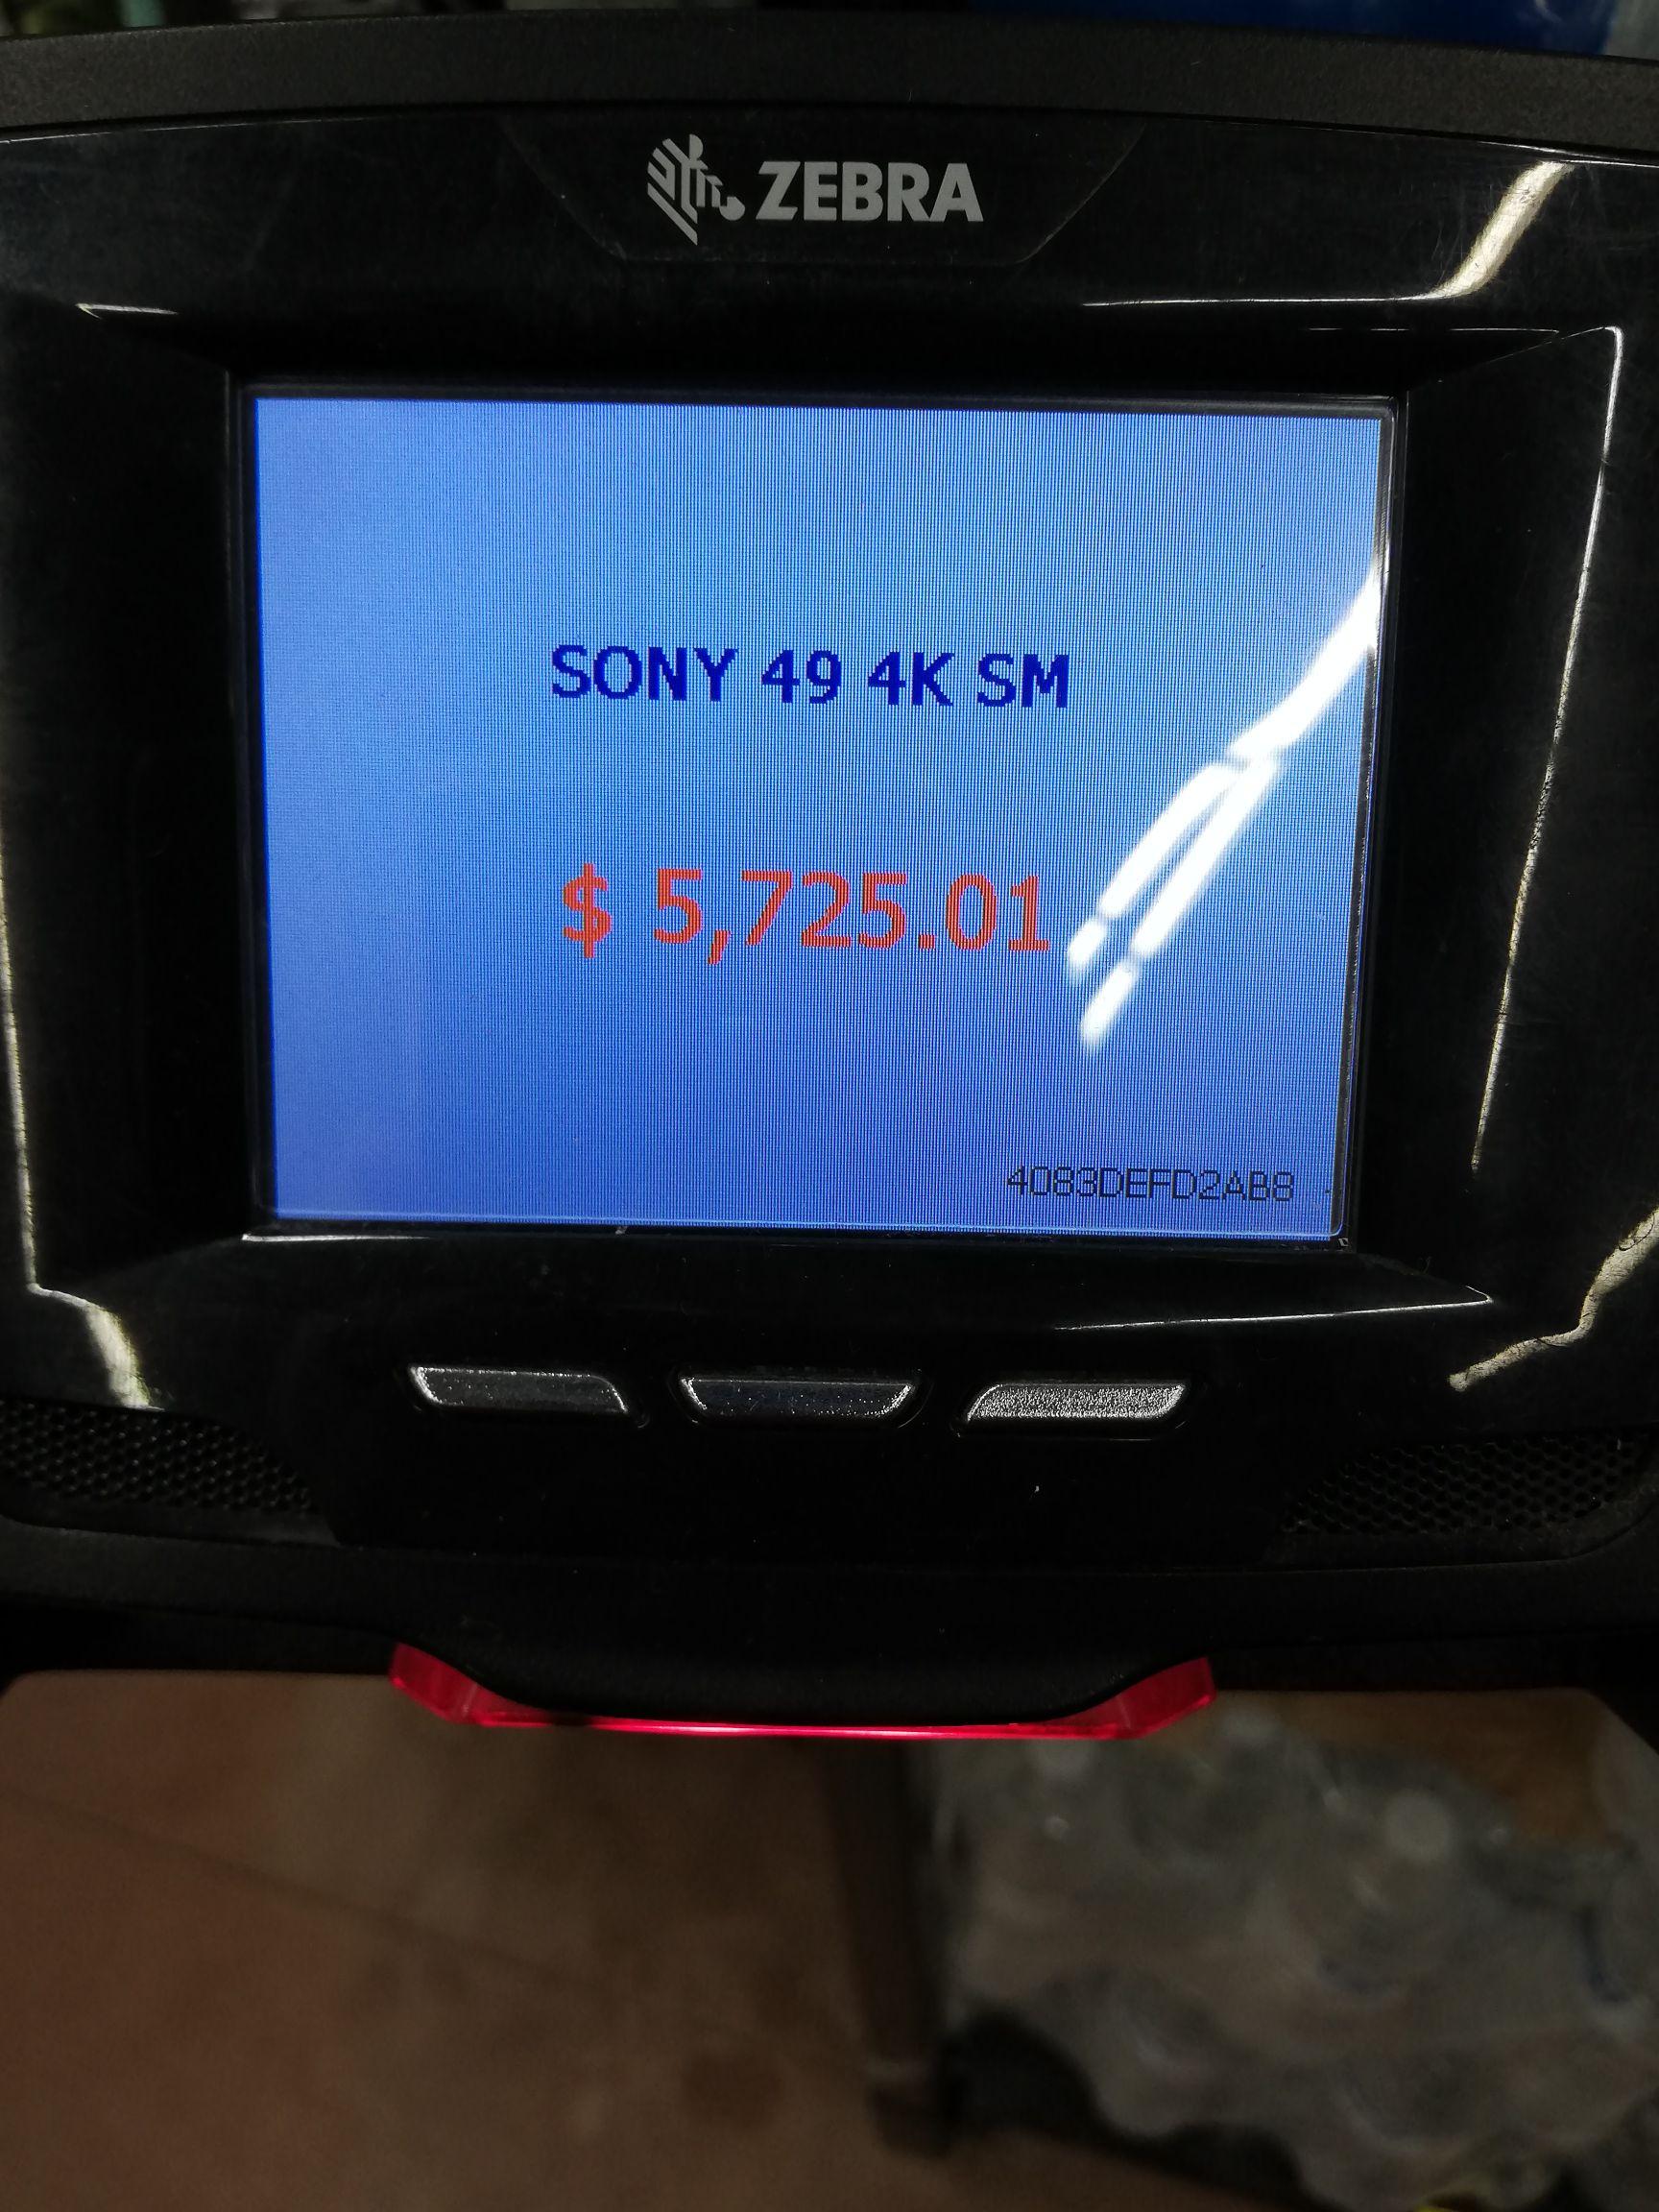 Walmart Tijuana: Sony 49 4K